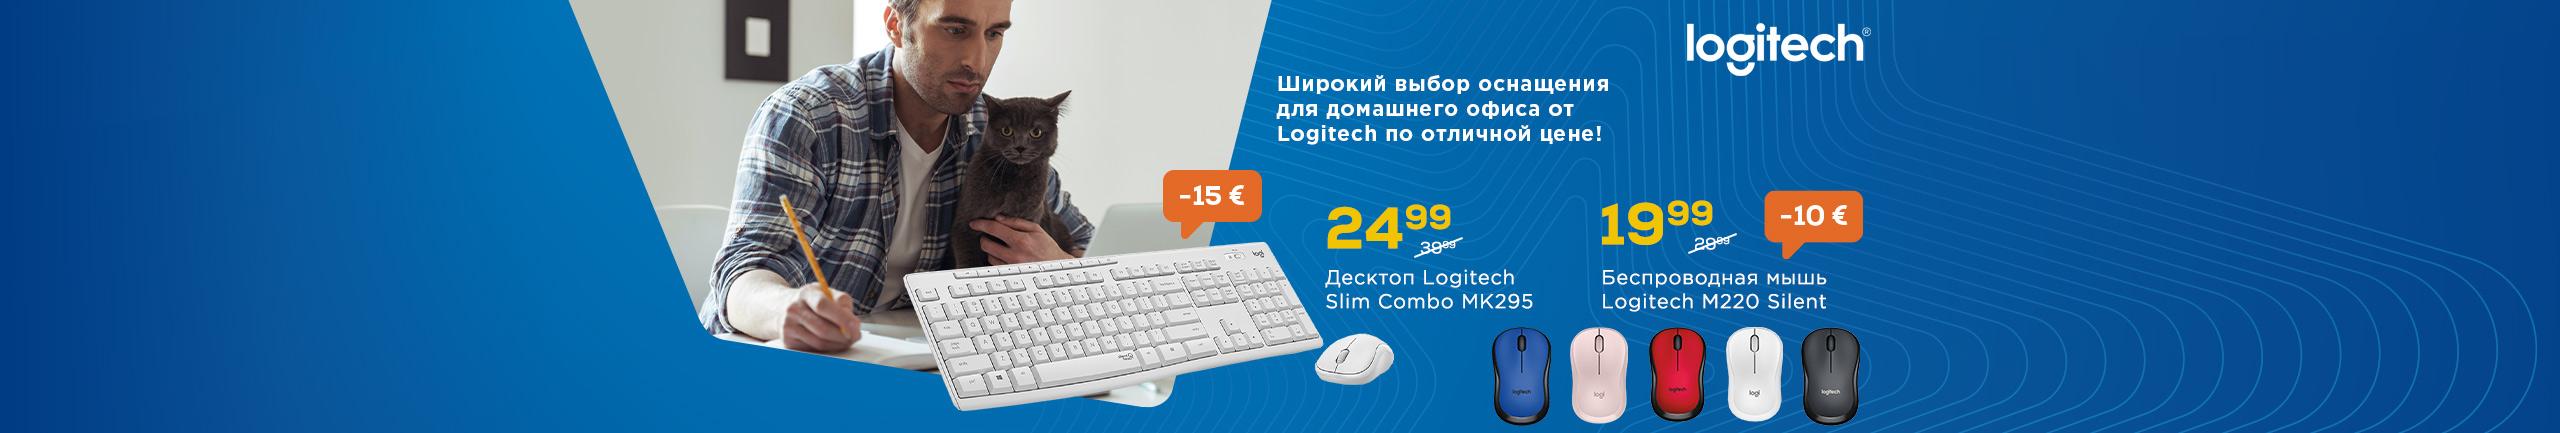 Широкий выбор оснащения для домашнего офиса от Logitech по отличной цене!